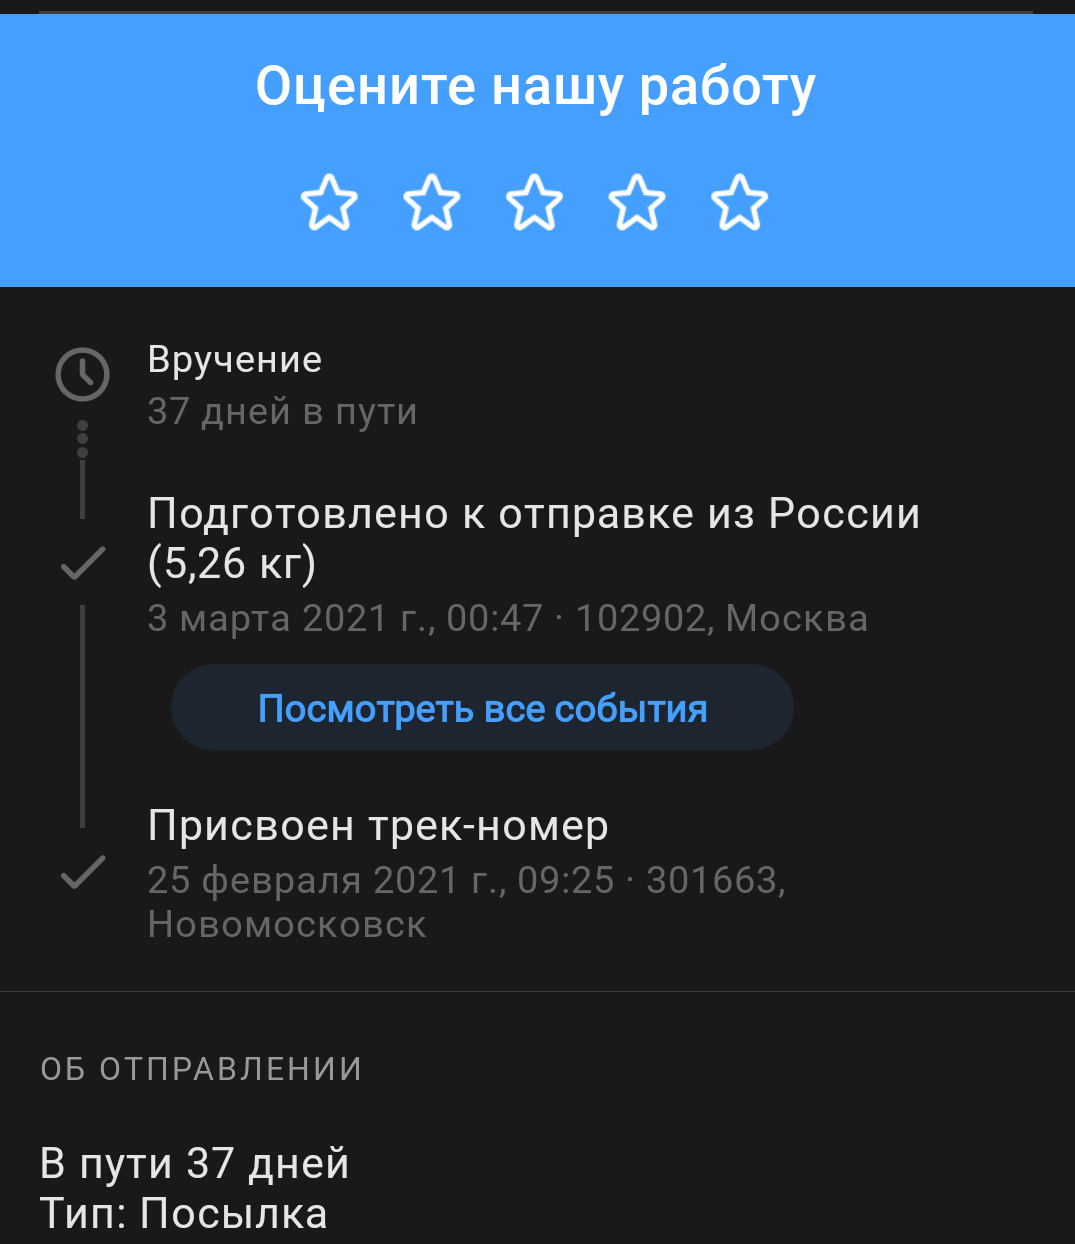 Polish_20210403_144723892.png